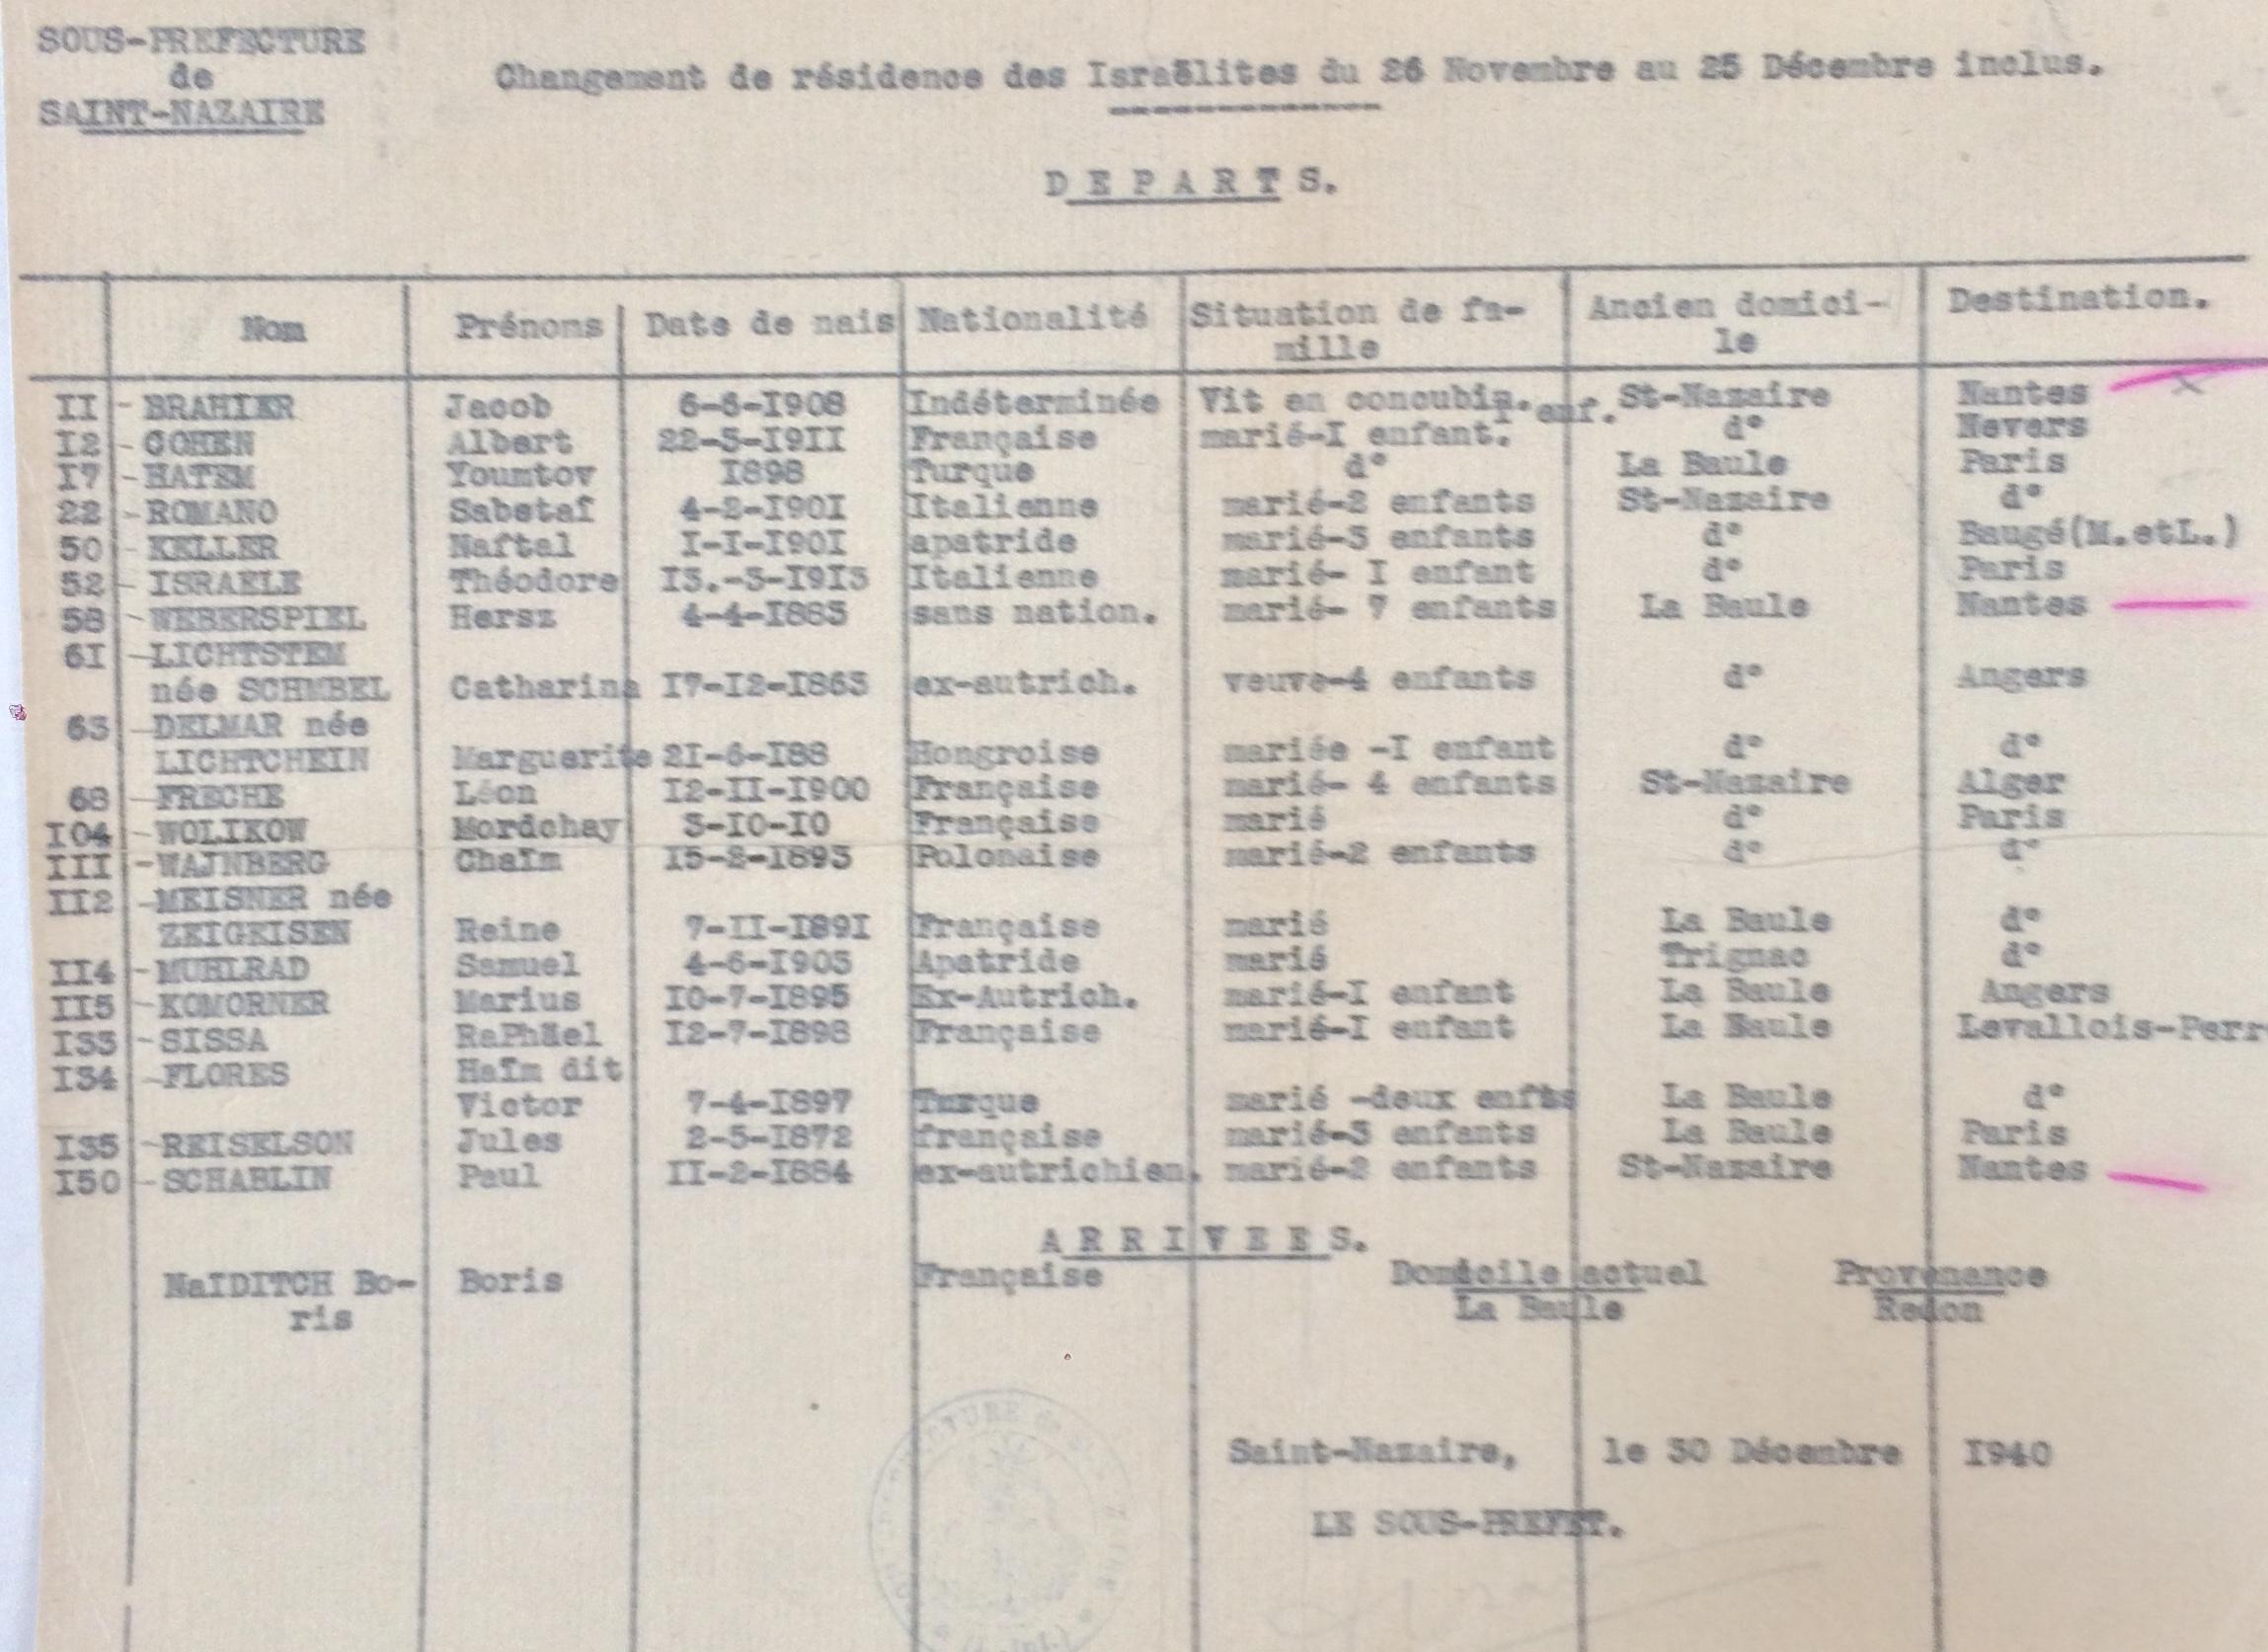 Contrôle d déplacement des Israélites décembre 1940 [ADLA 1694W25]